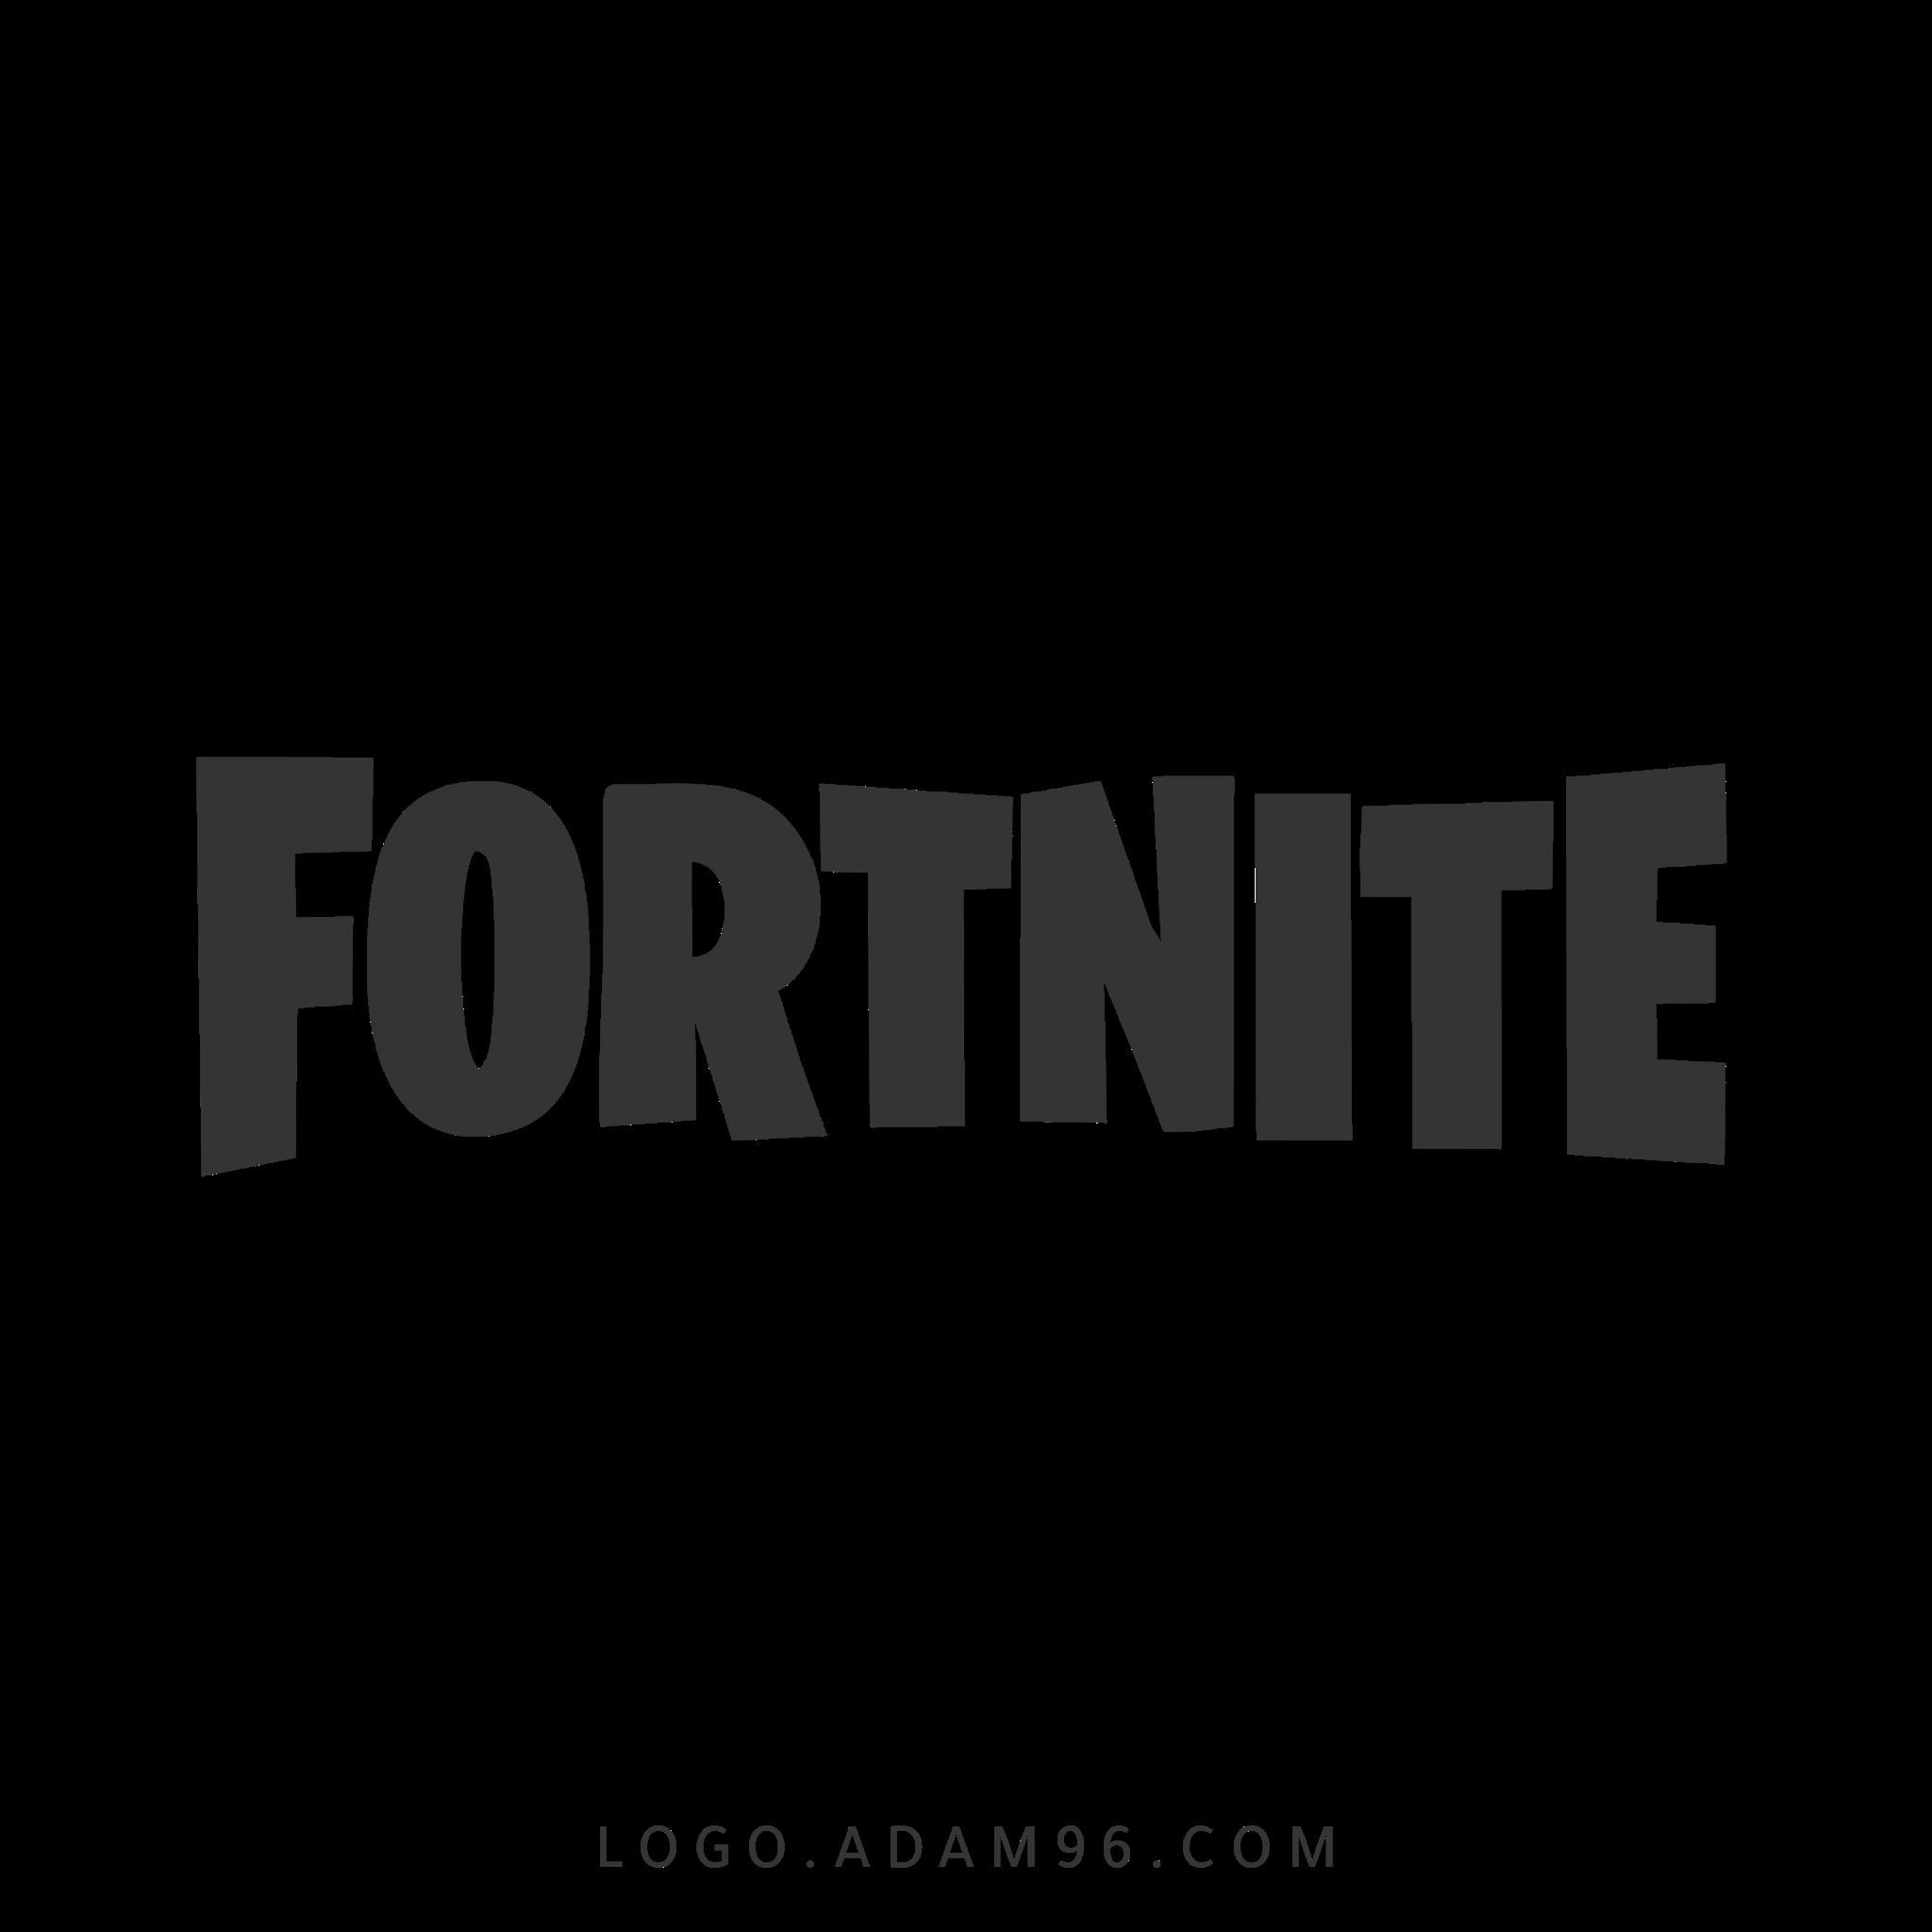 تحميل الشعار الاصلي للعبة فورتنايت لوجو عالي الدقة بصيغة شفافة Logo Fortnite PNG